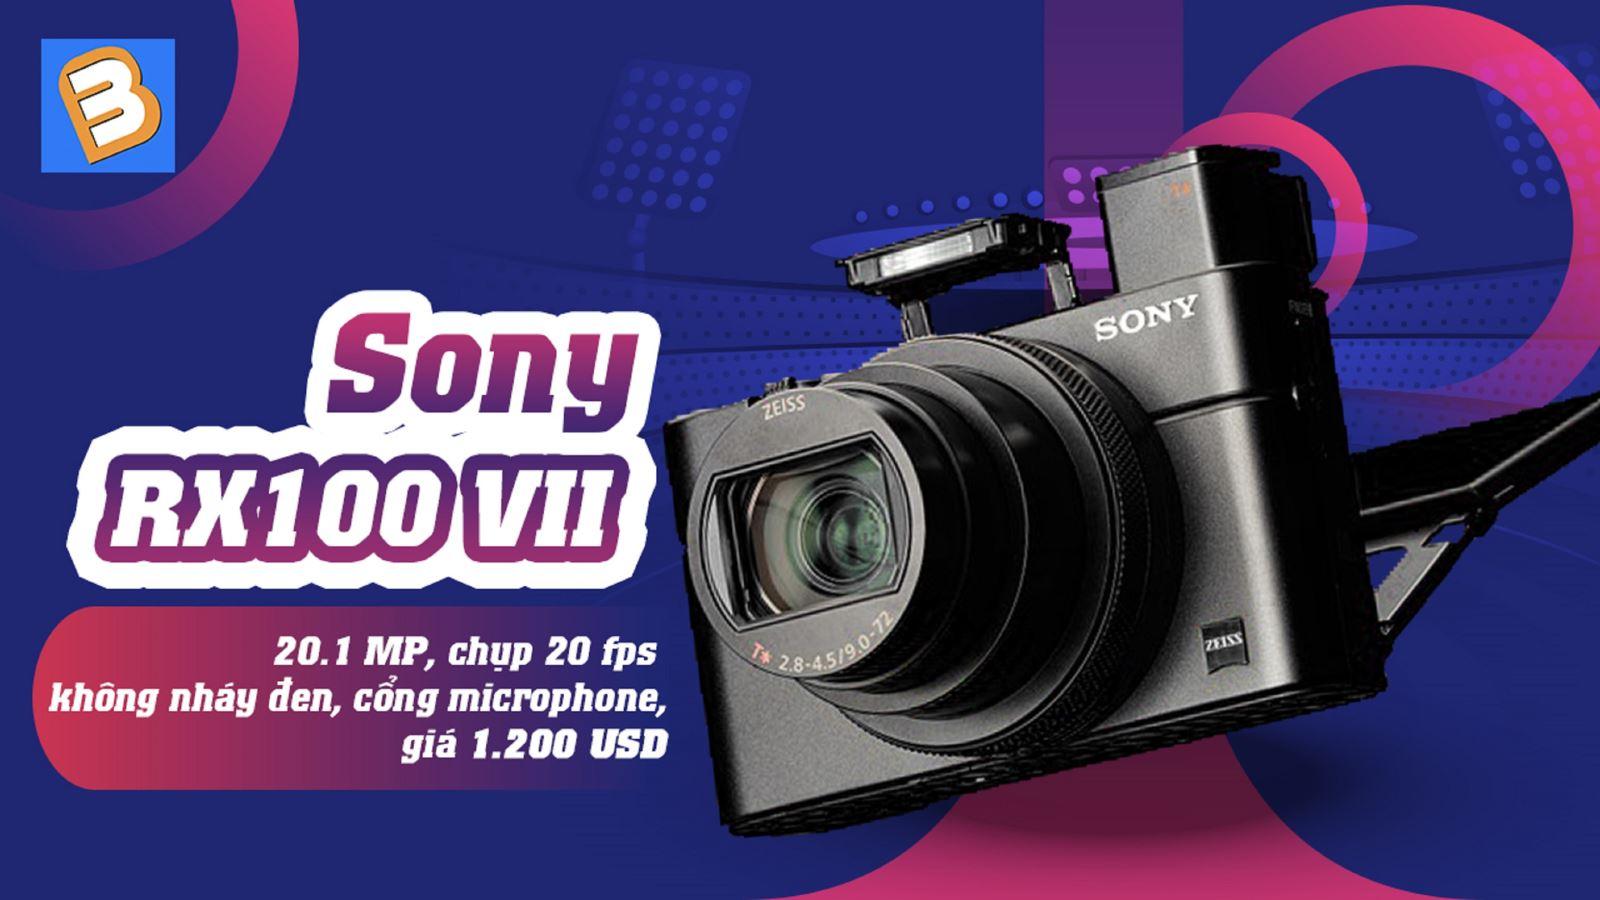 Sony ra mắtRX100 VII: 20.1 MP, chụp 20 fps không nháy đen, cổng microphone, giá 1.200USD